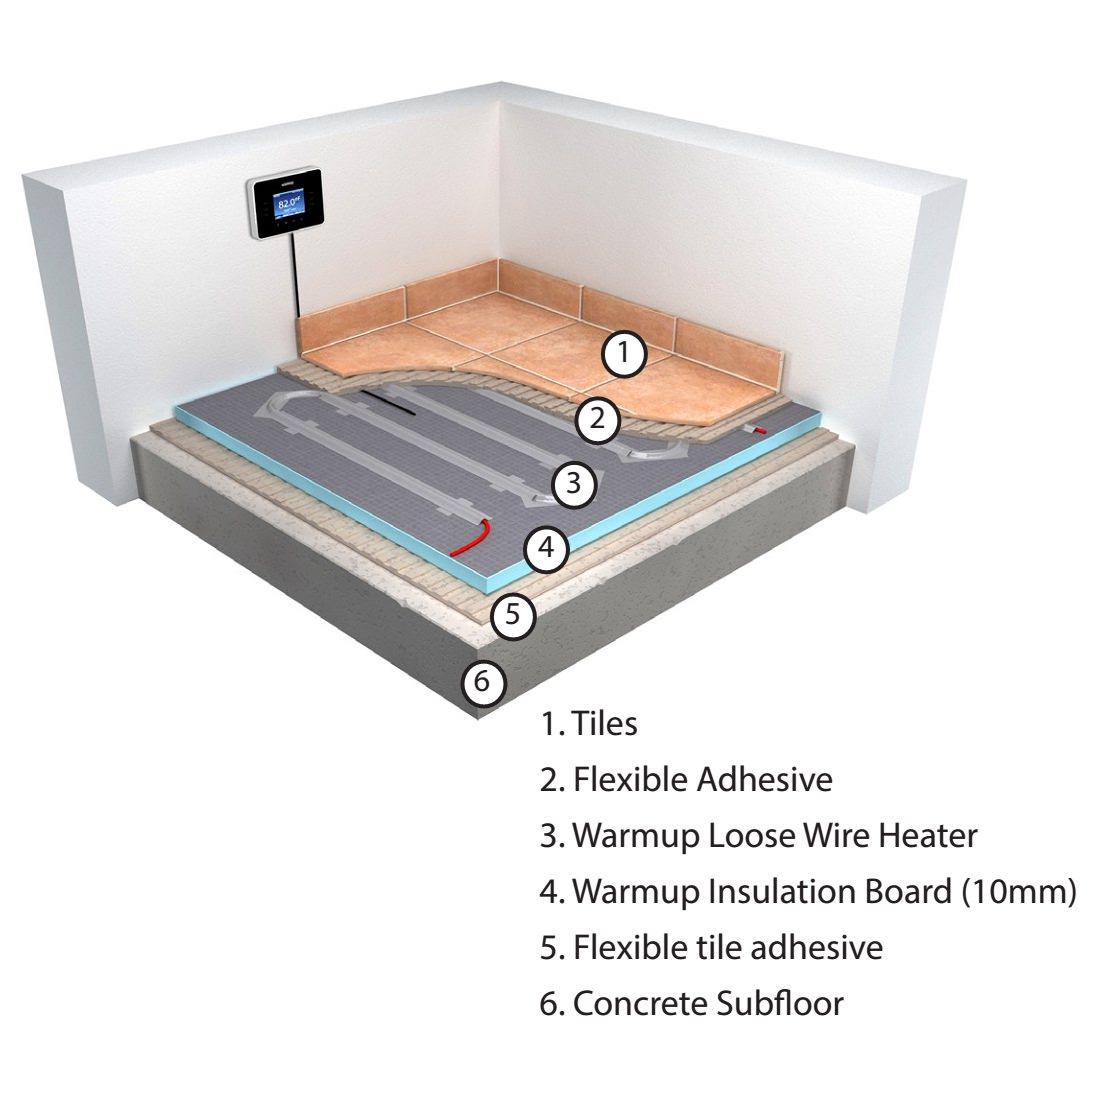 Electric Bathroom Floor Heating: Warmup Electric Loose Wire Underfloor Heating System